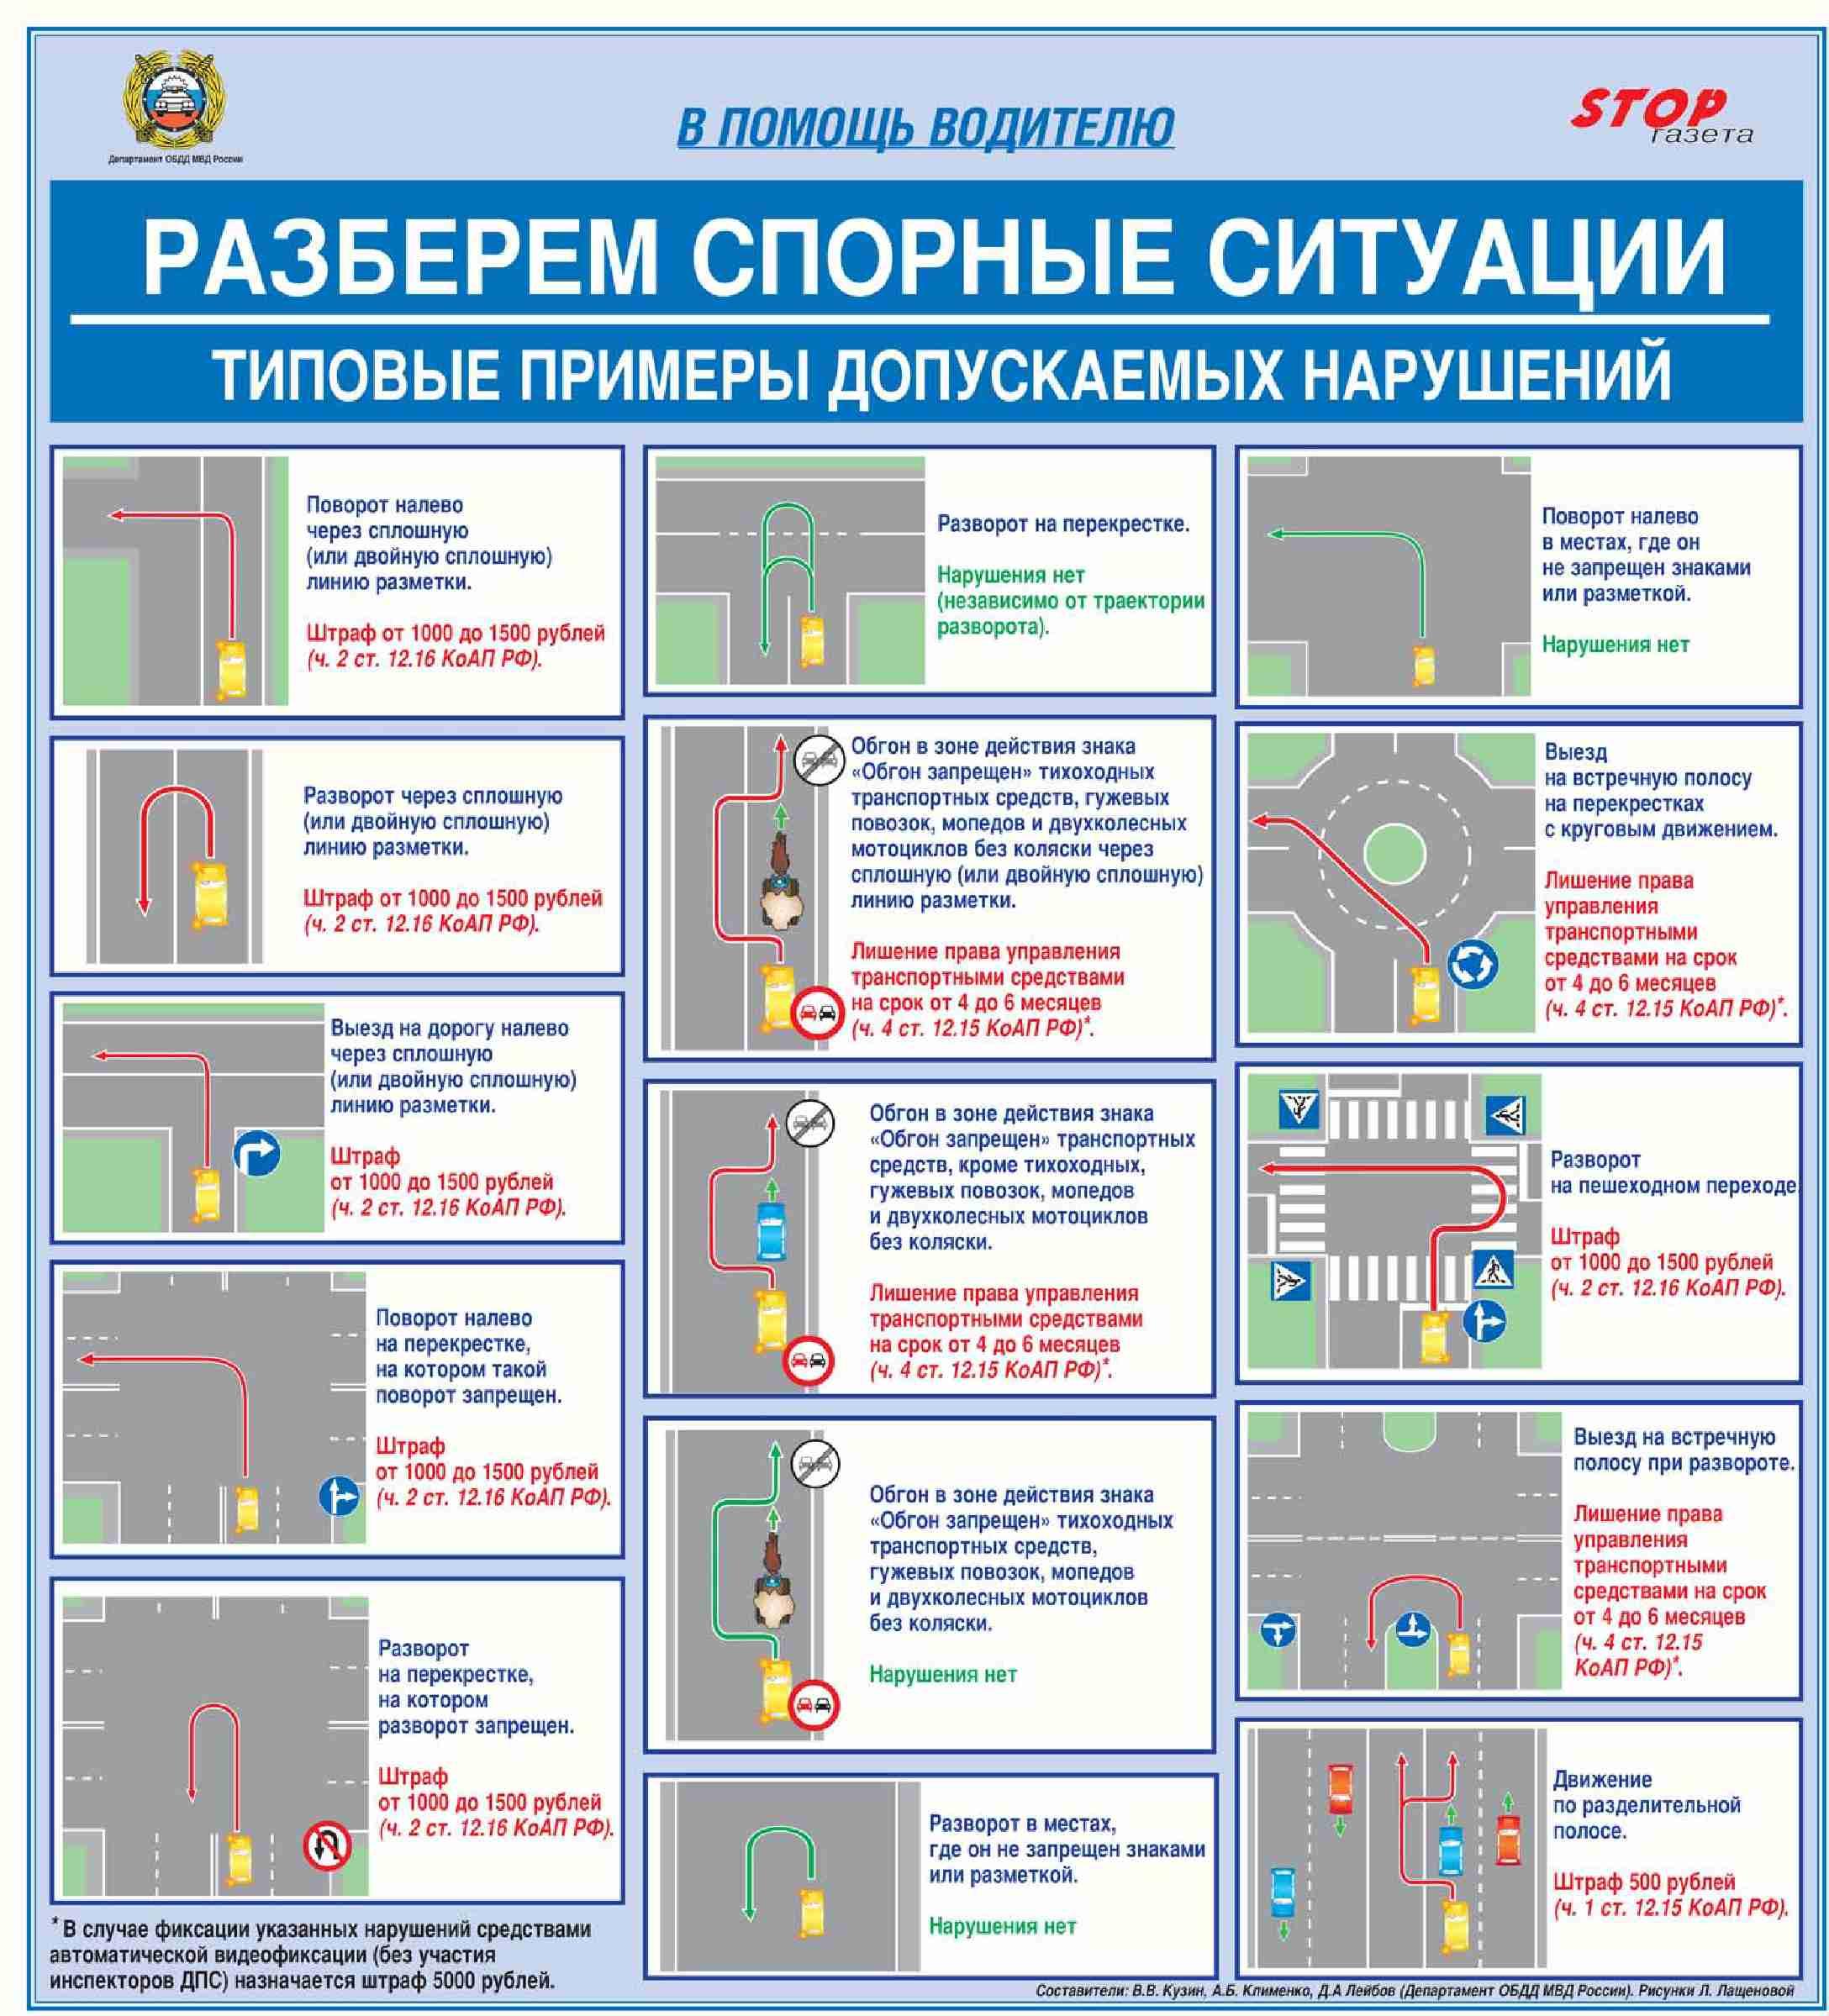 правила перестроения из ряда в ряд пдд в картинках